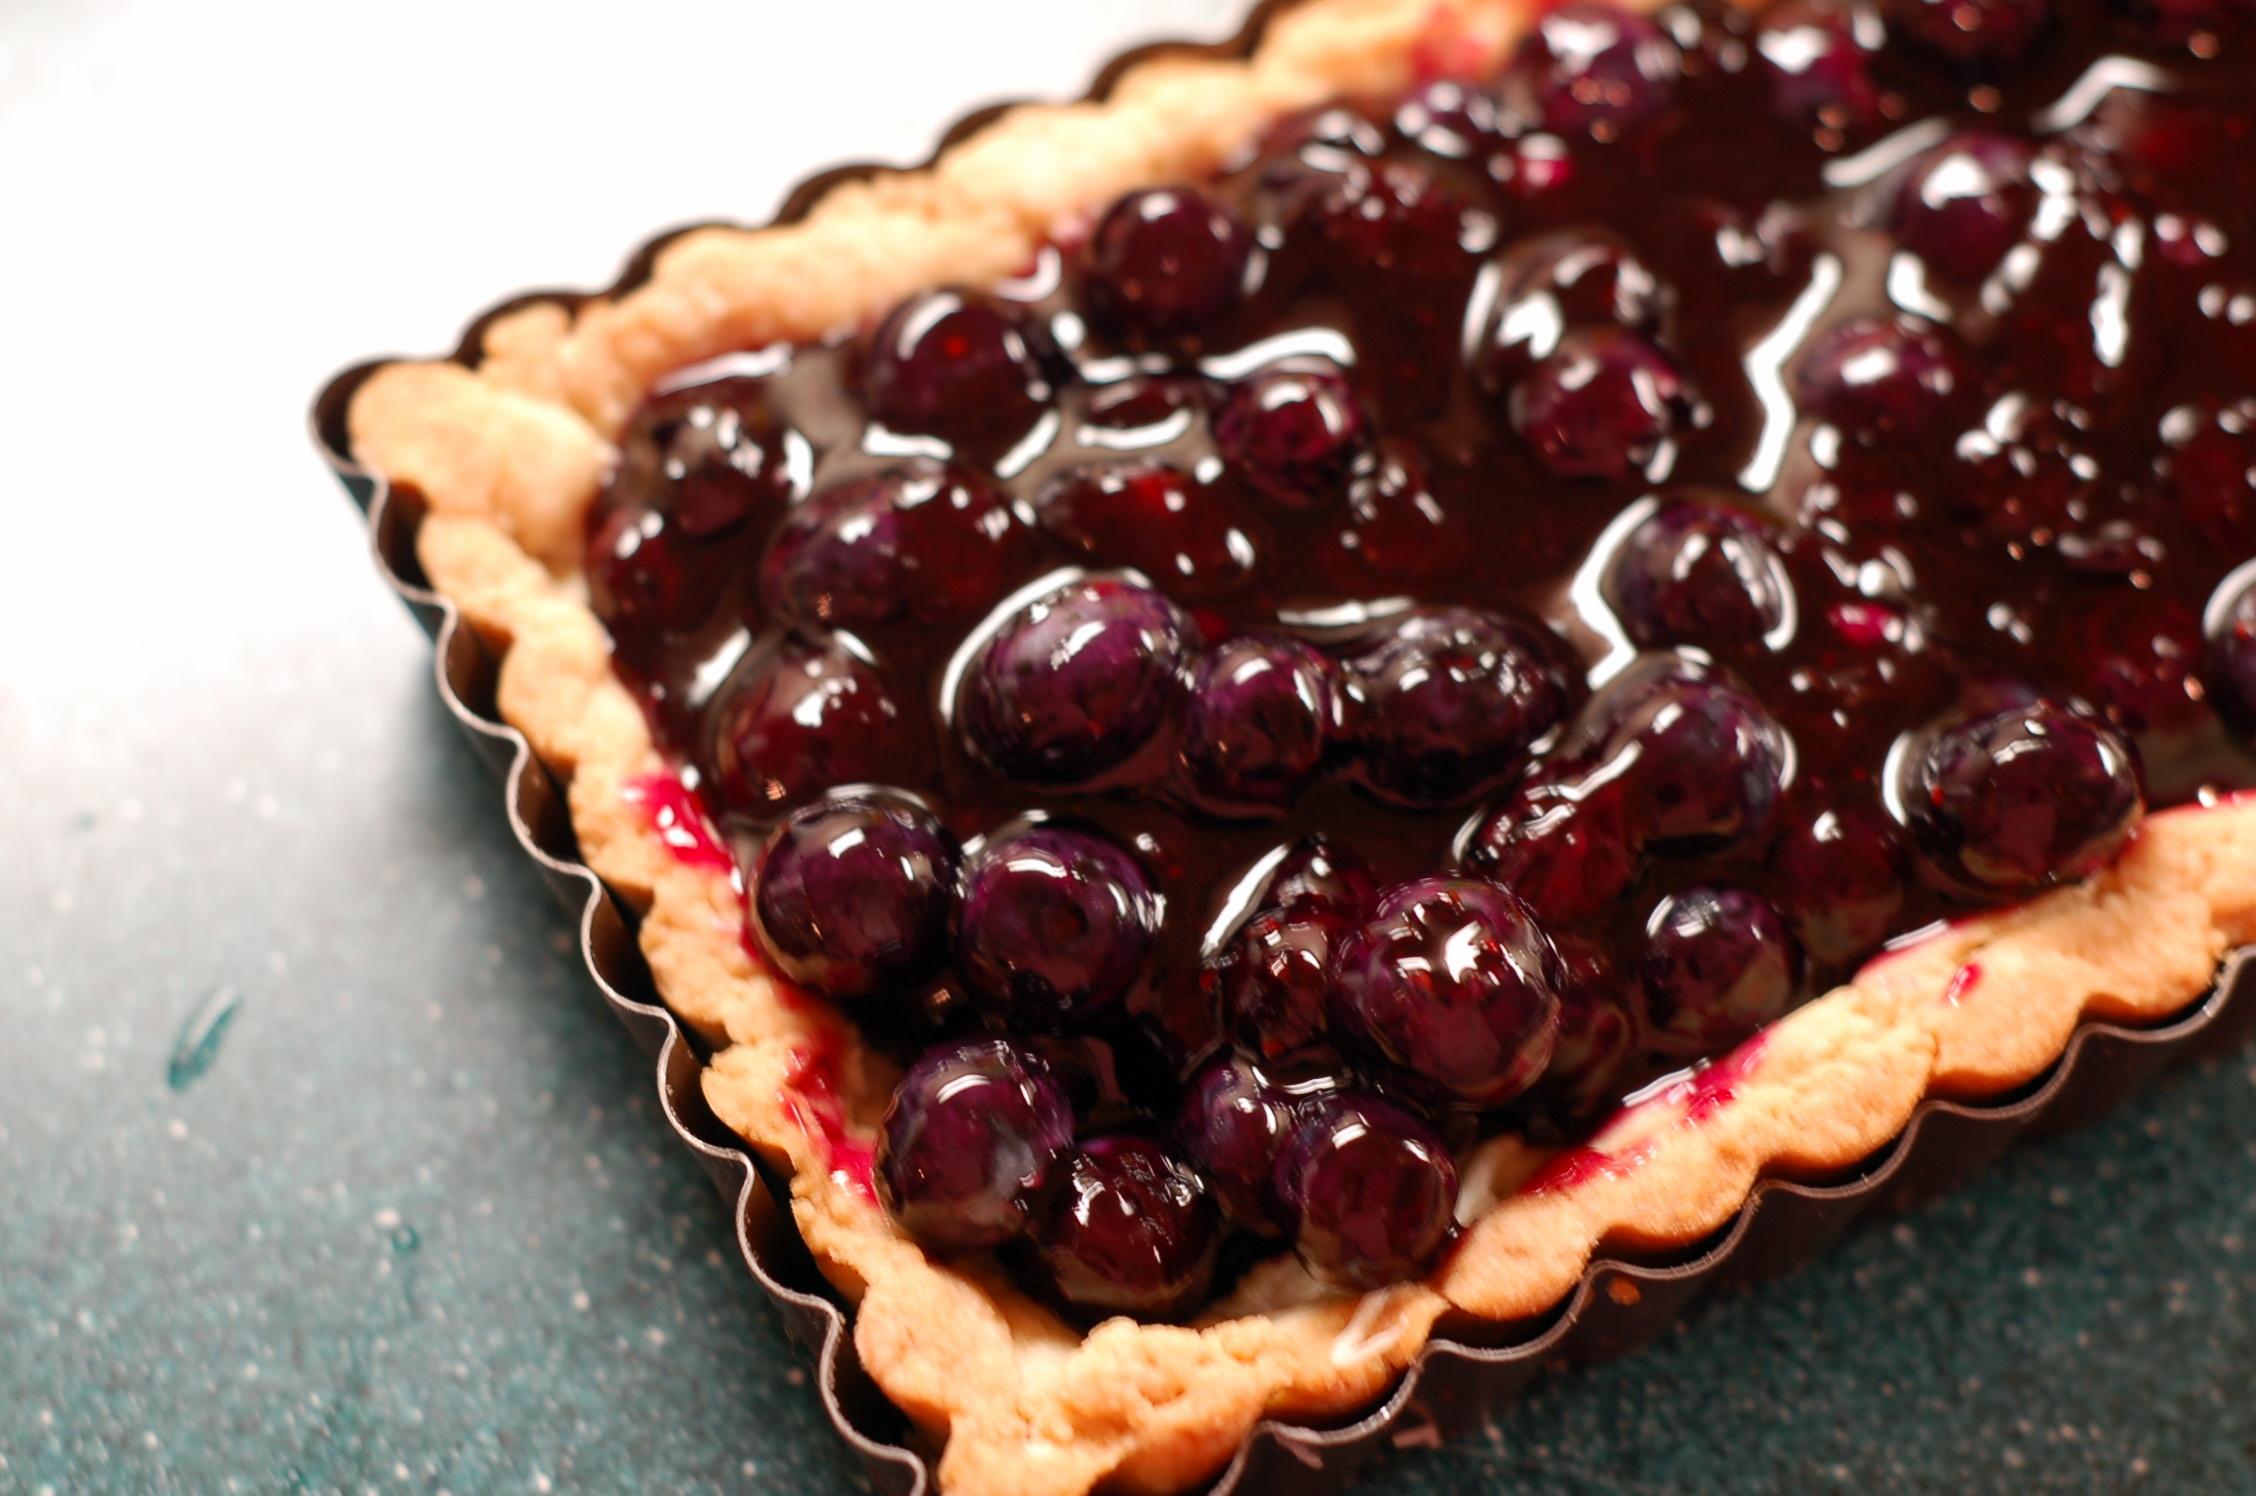 Blueberry tart 1